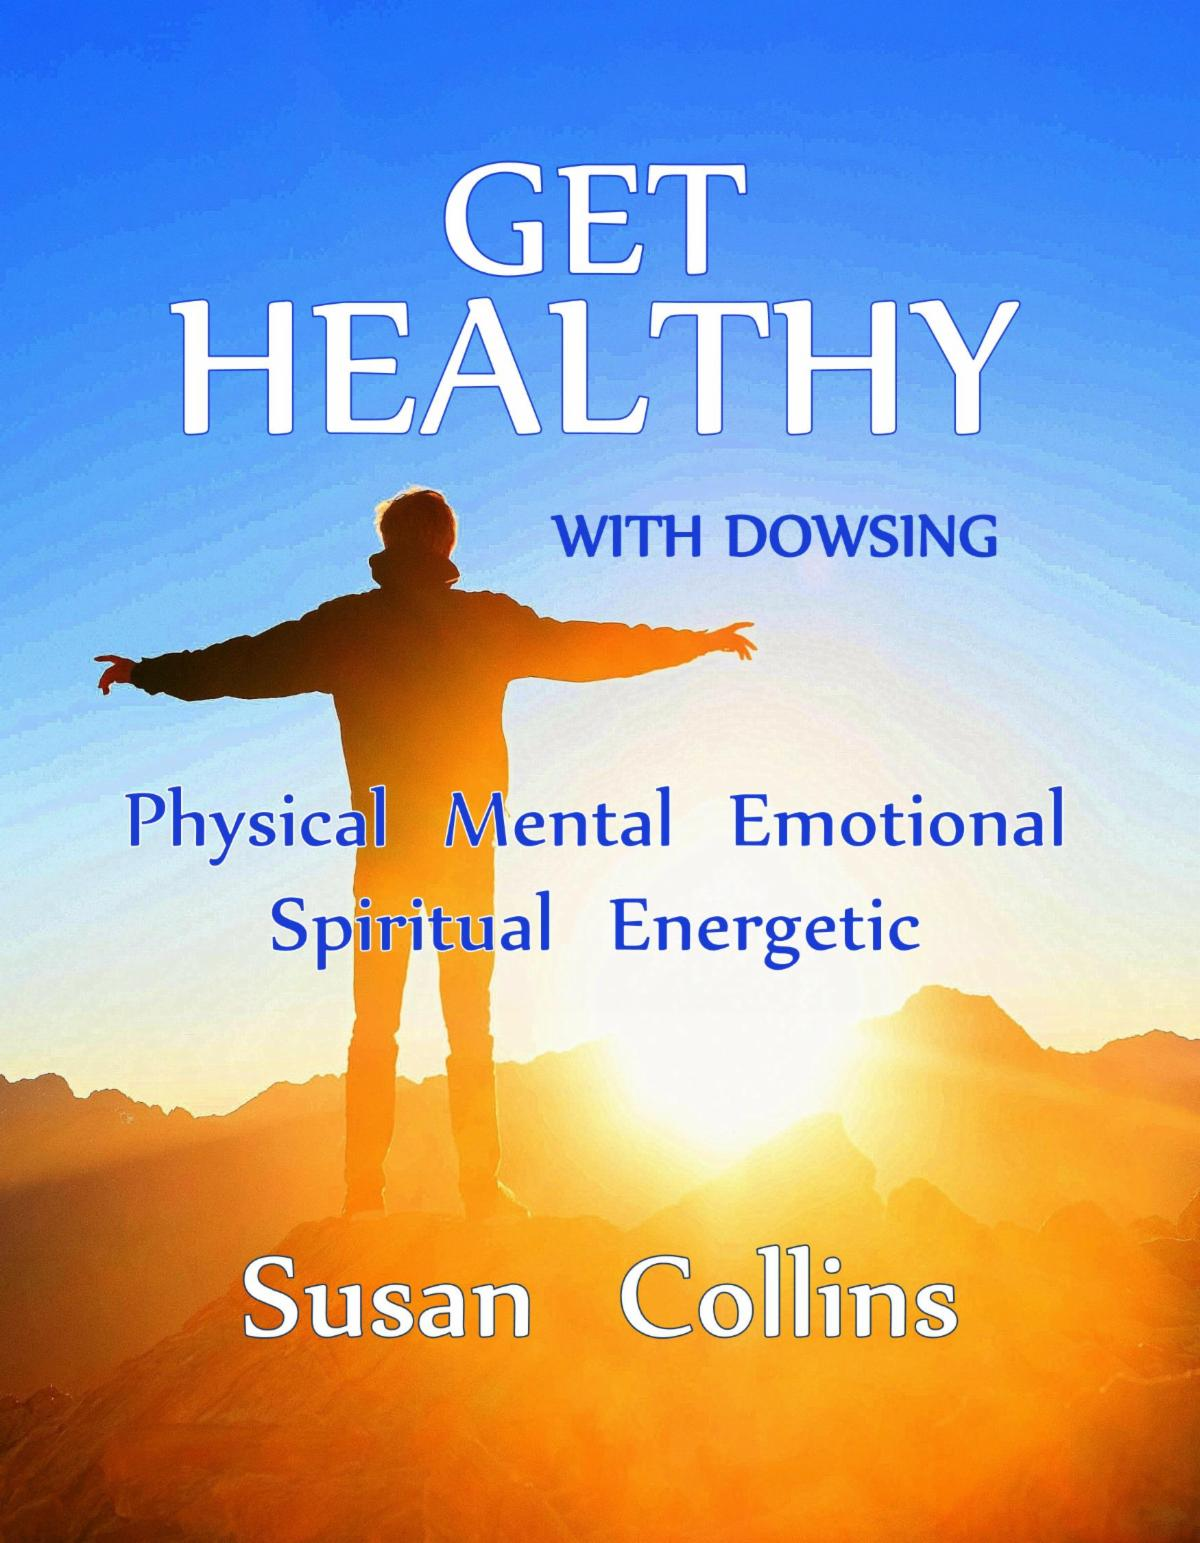 Get Healthy by Susan Collins